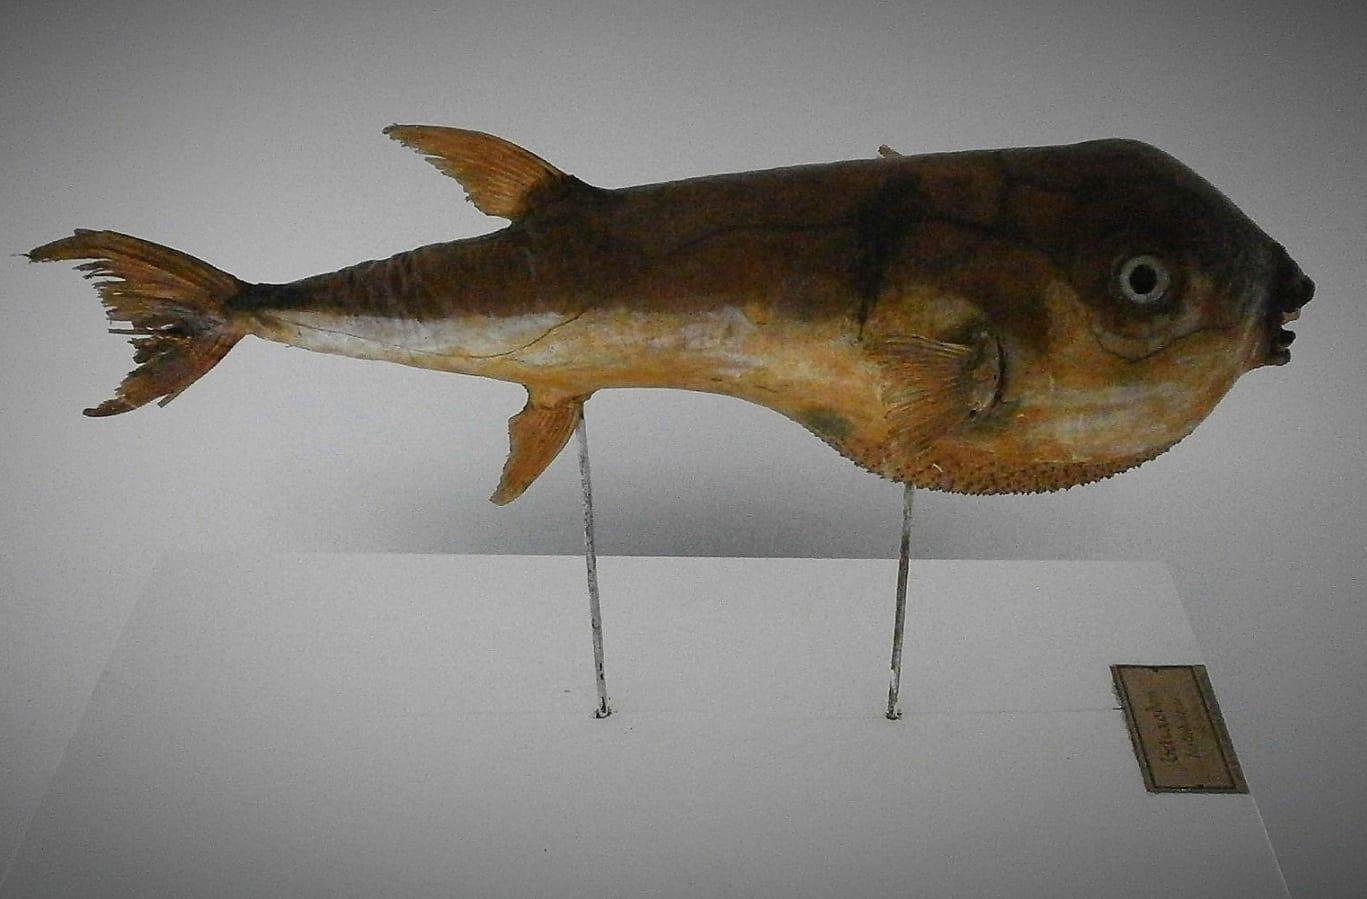 """""""Todos somos genios, pero si juzgas a un pez por su capacidad para escalar árboles vivirá toda su vida pensando que es un inútil"""" (Albert Einstein) . Pez globo (Tetraodon testudineus) perteneciente al gabinete de historia natural, comprado en el curso 1890-1891 en París."""